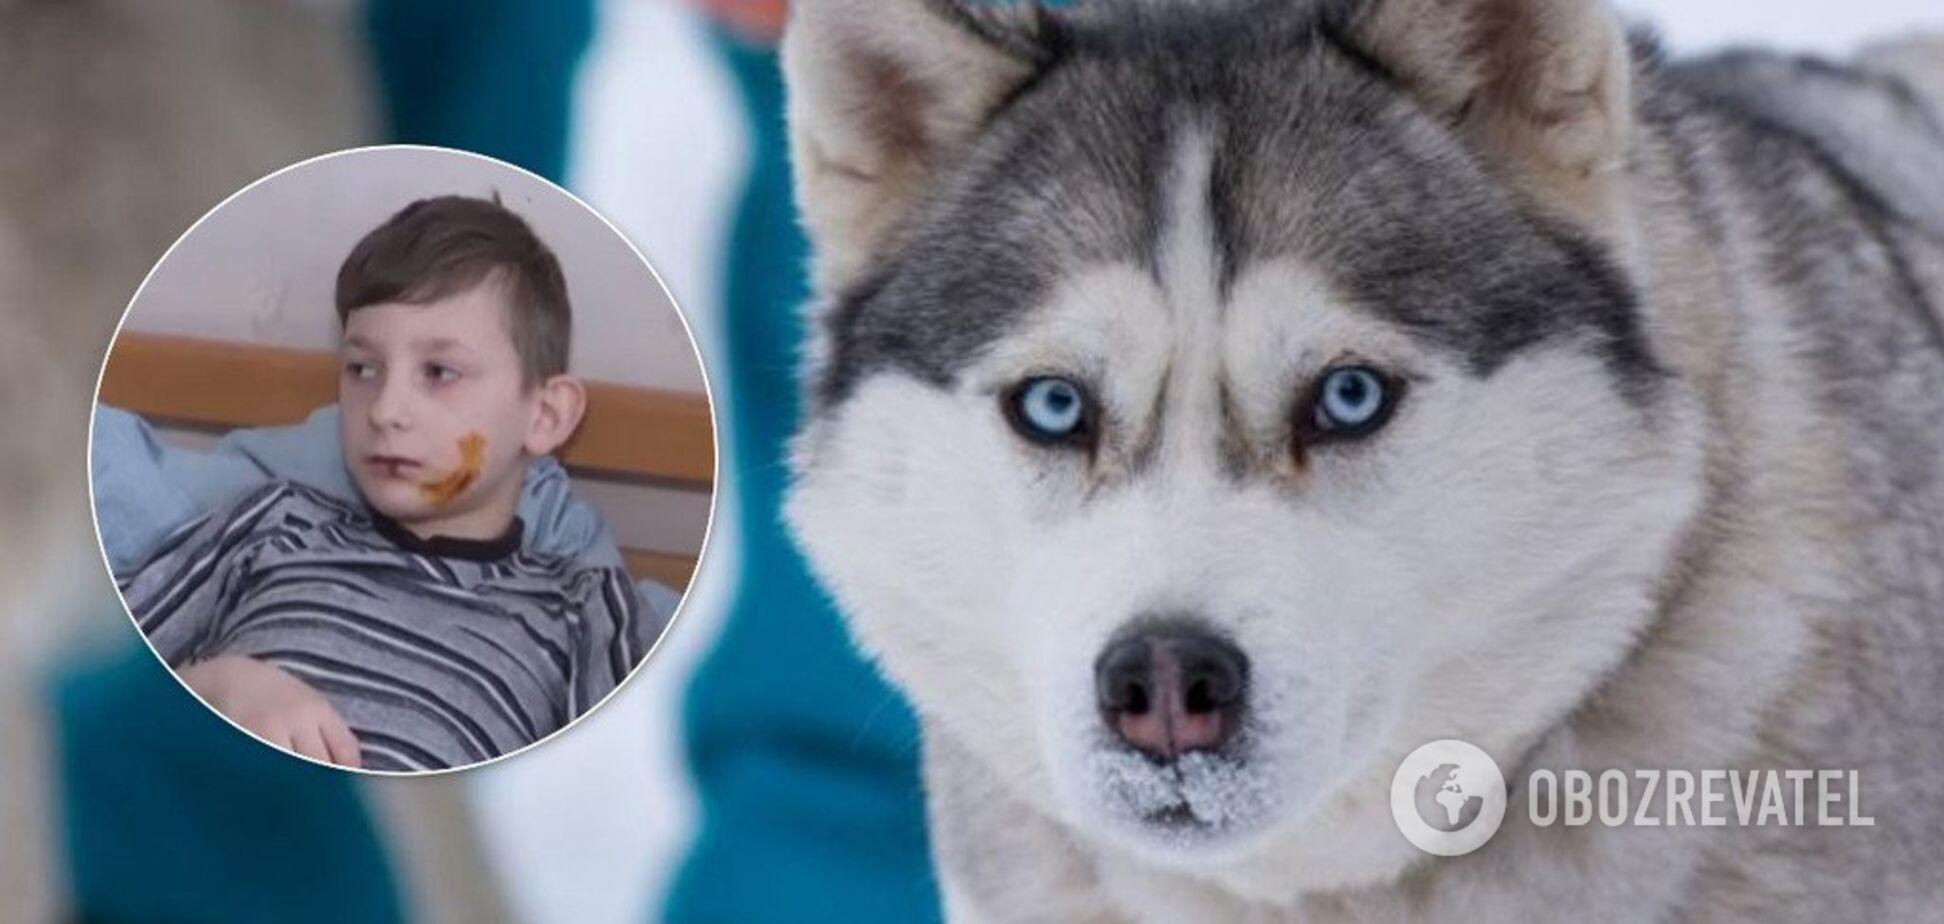 У Тернополі хаскі погриз дитині обличчя й тіло: моторошні подробиці